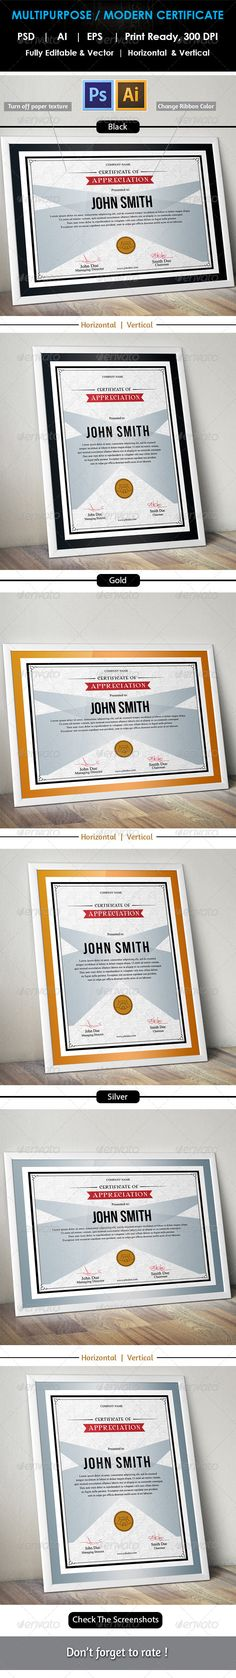 Simple multipurpose certificate gd022 certificate certificate simple multipurpose certificate gd006 certificate designcertificate templatesinfographic templatespsd yadclub Images